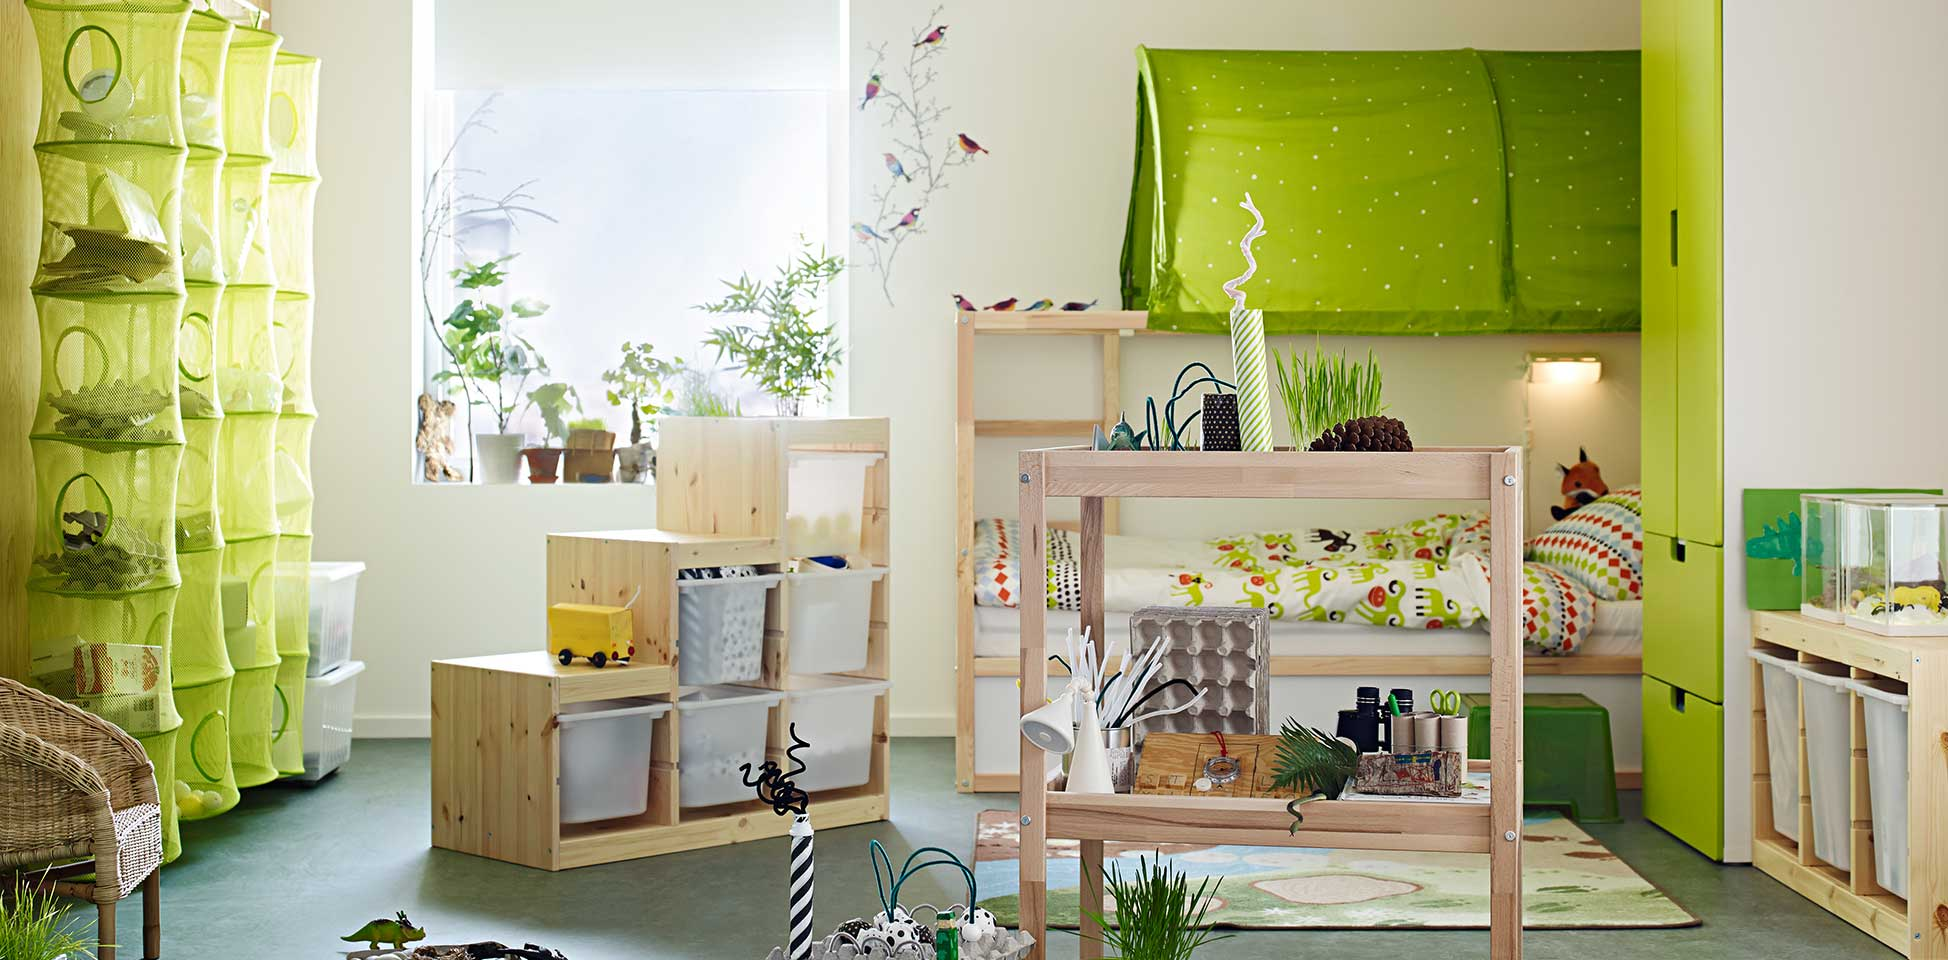 sistema-de-almacenaje-flexible-para-habitaciones-infantiles.jpg